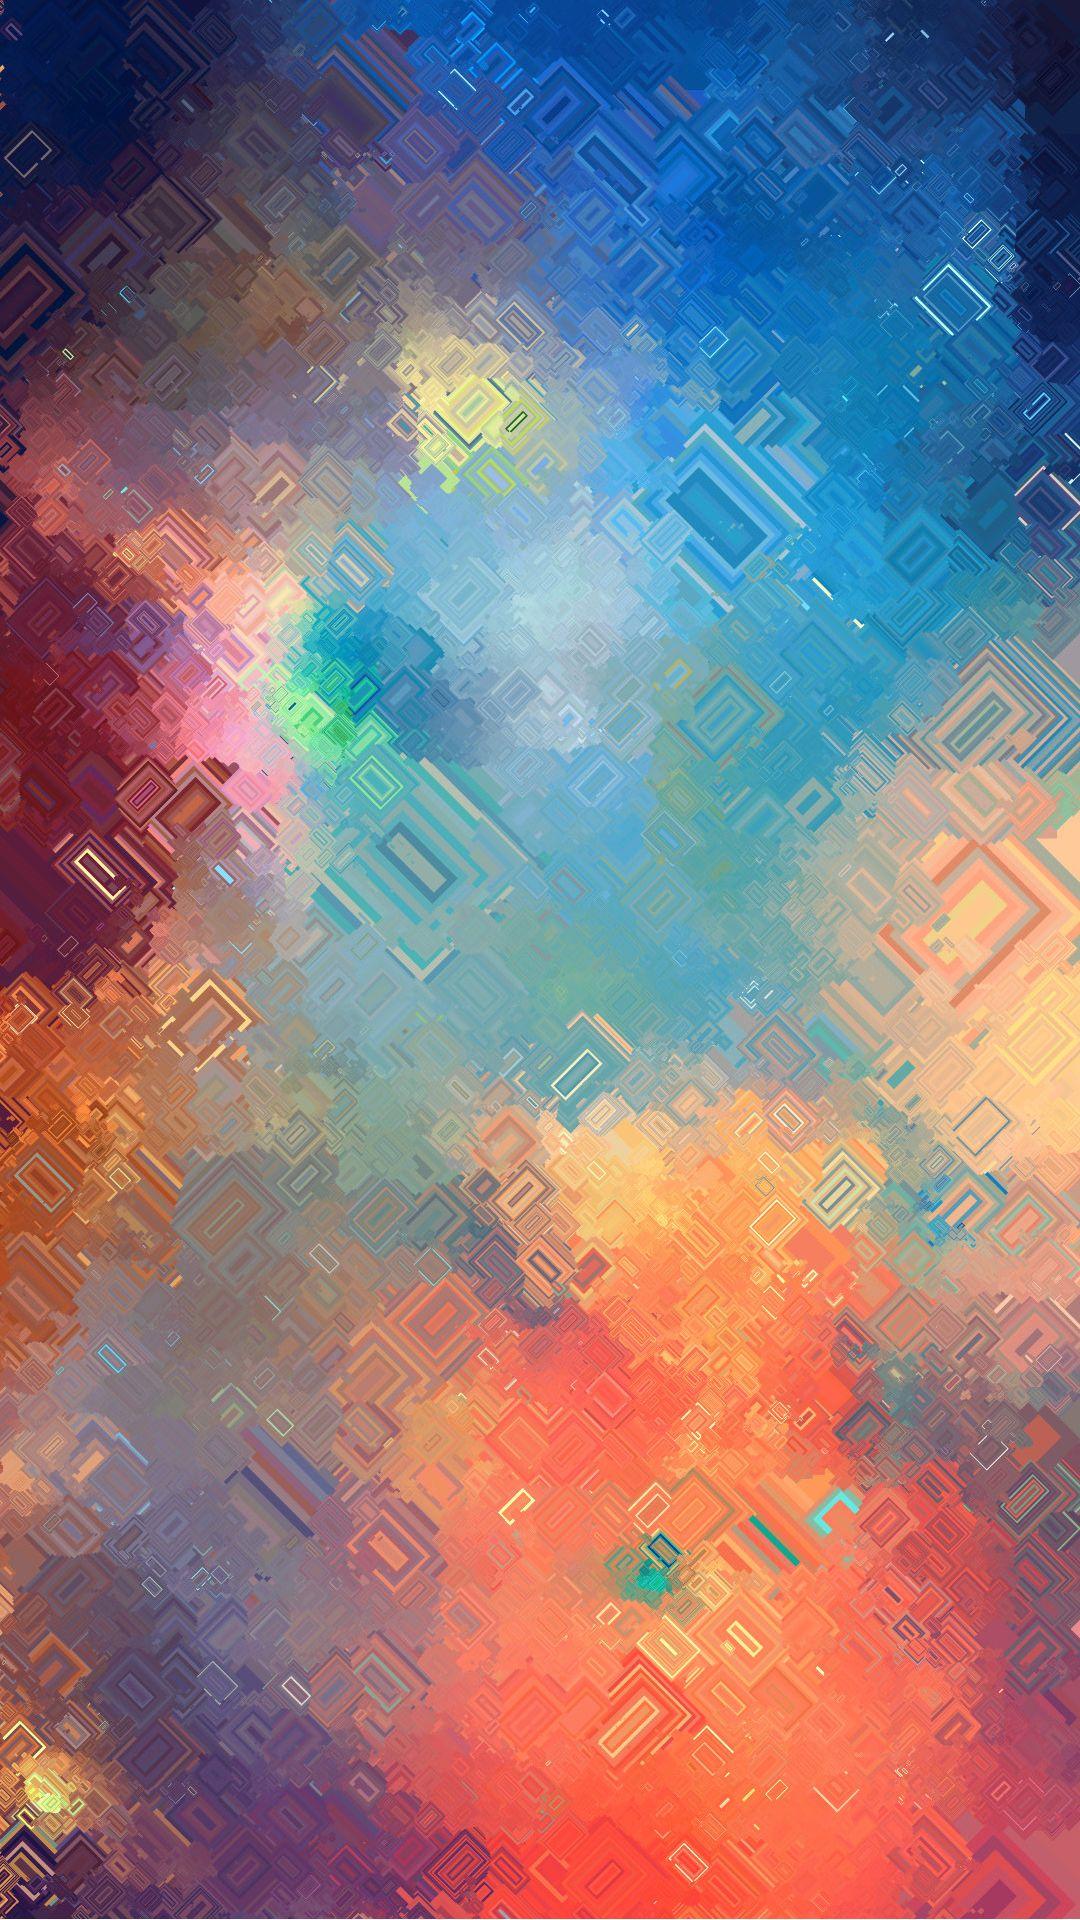 iPhone Wallpaper Cute High Resolution Iphone wallpaper